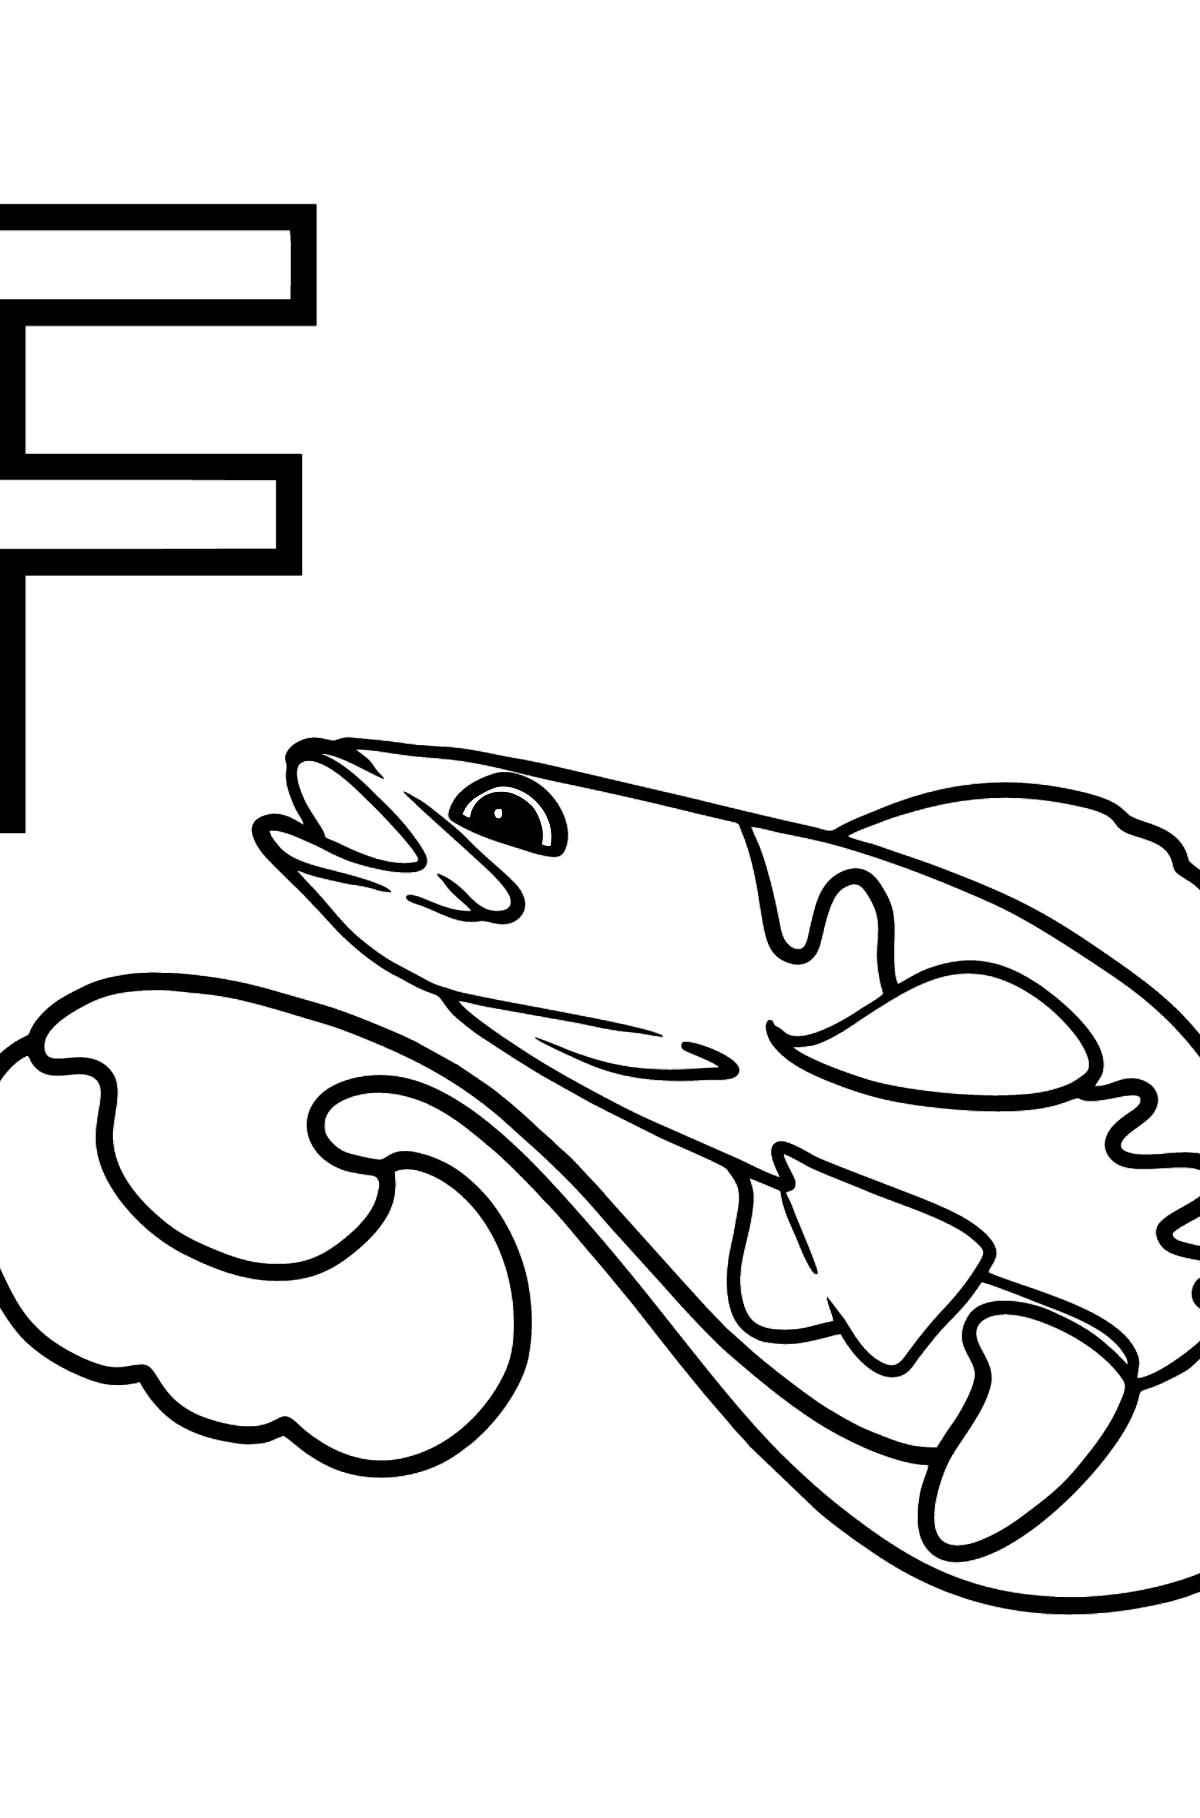 Раскраска буквы F немецкого алфавита - FISCH - Картинки для Детей